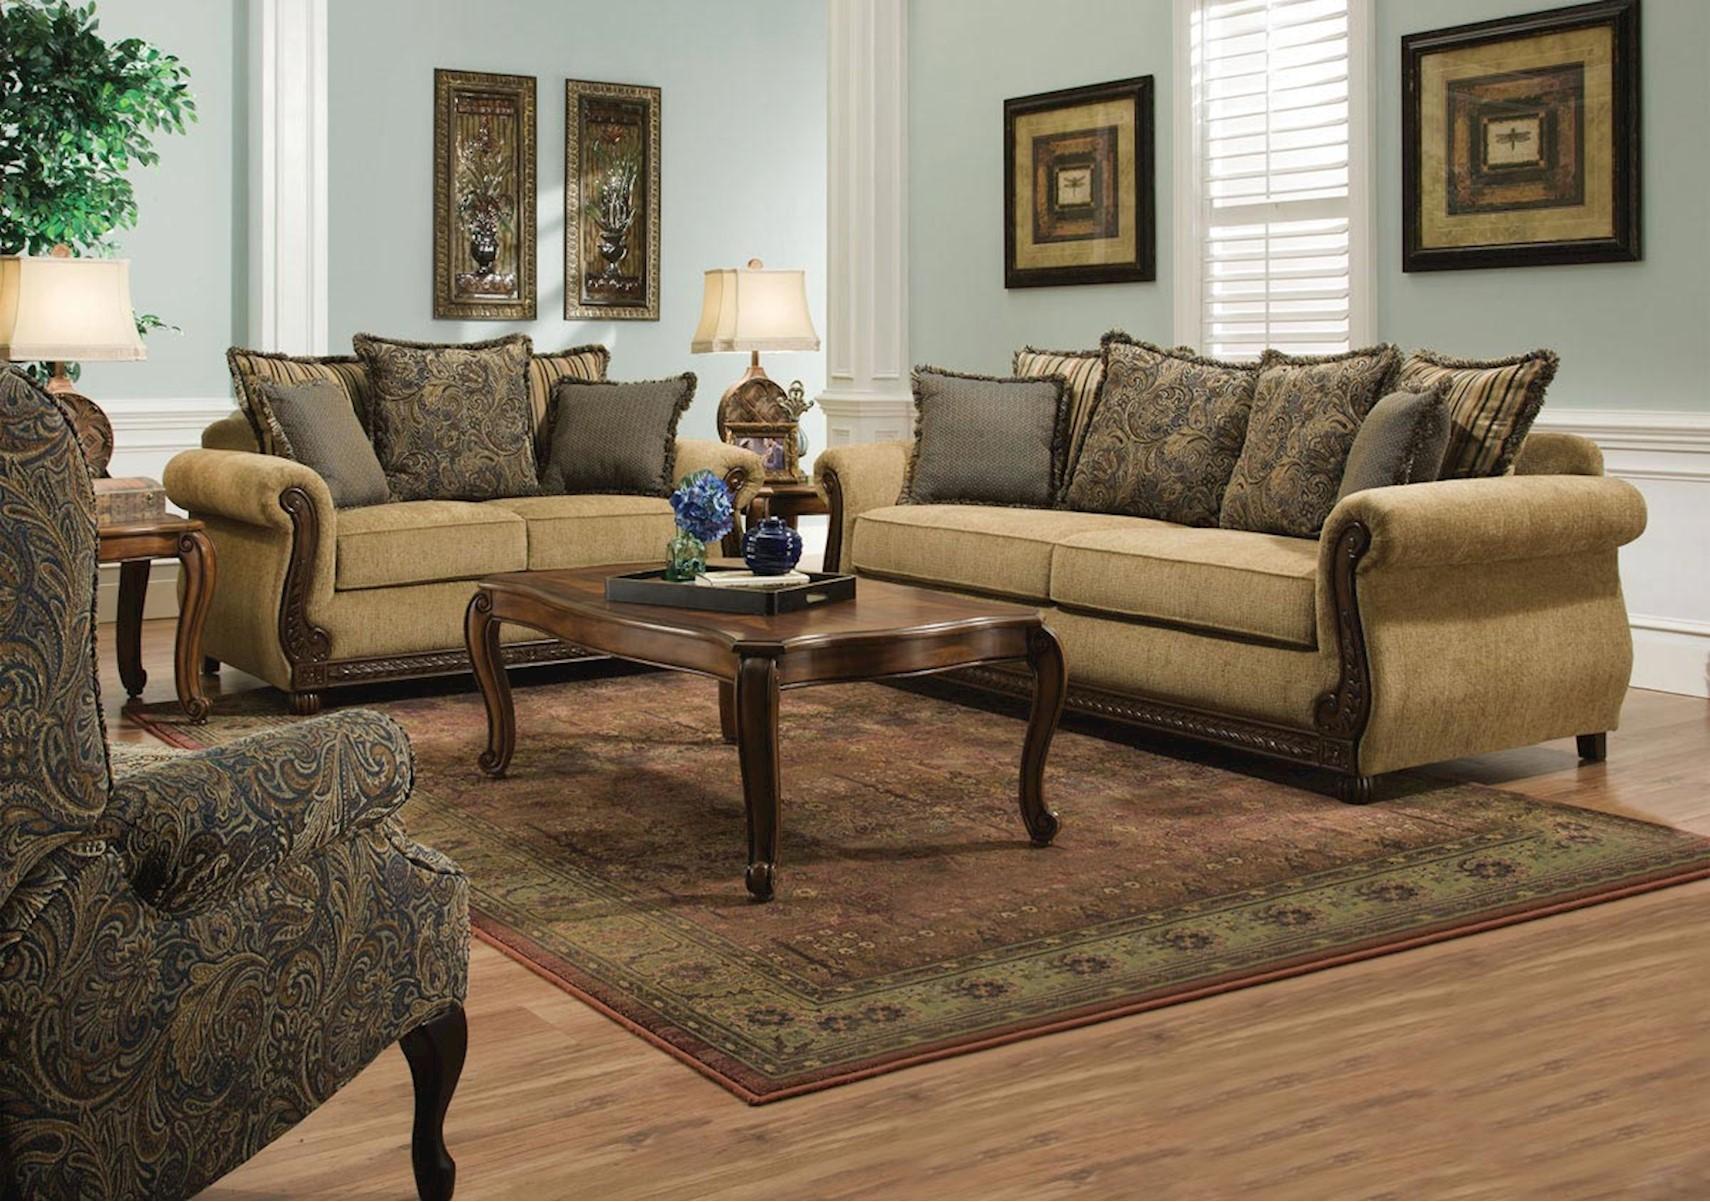 Living Room Furniture Set Formal Sofas For Living Room Brown Bonded Leather Living Room Sofa W